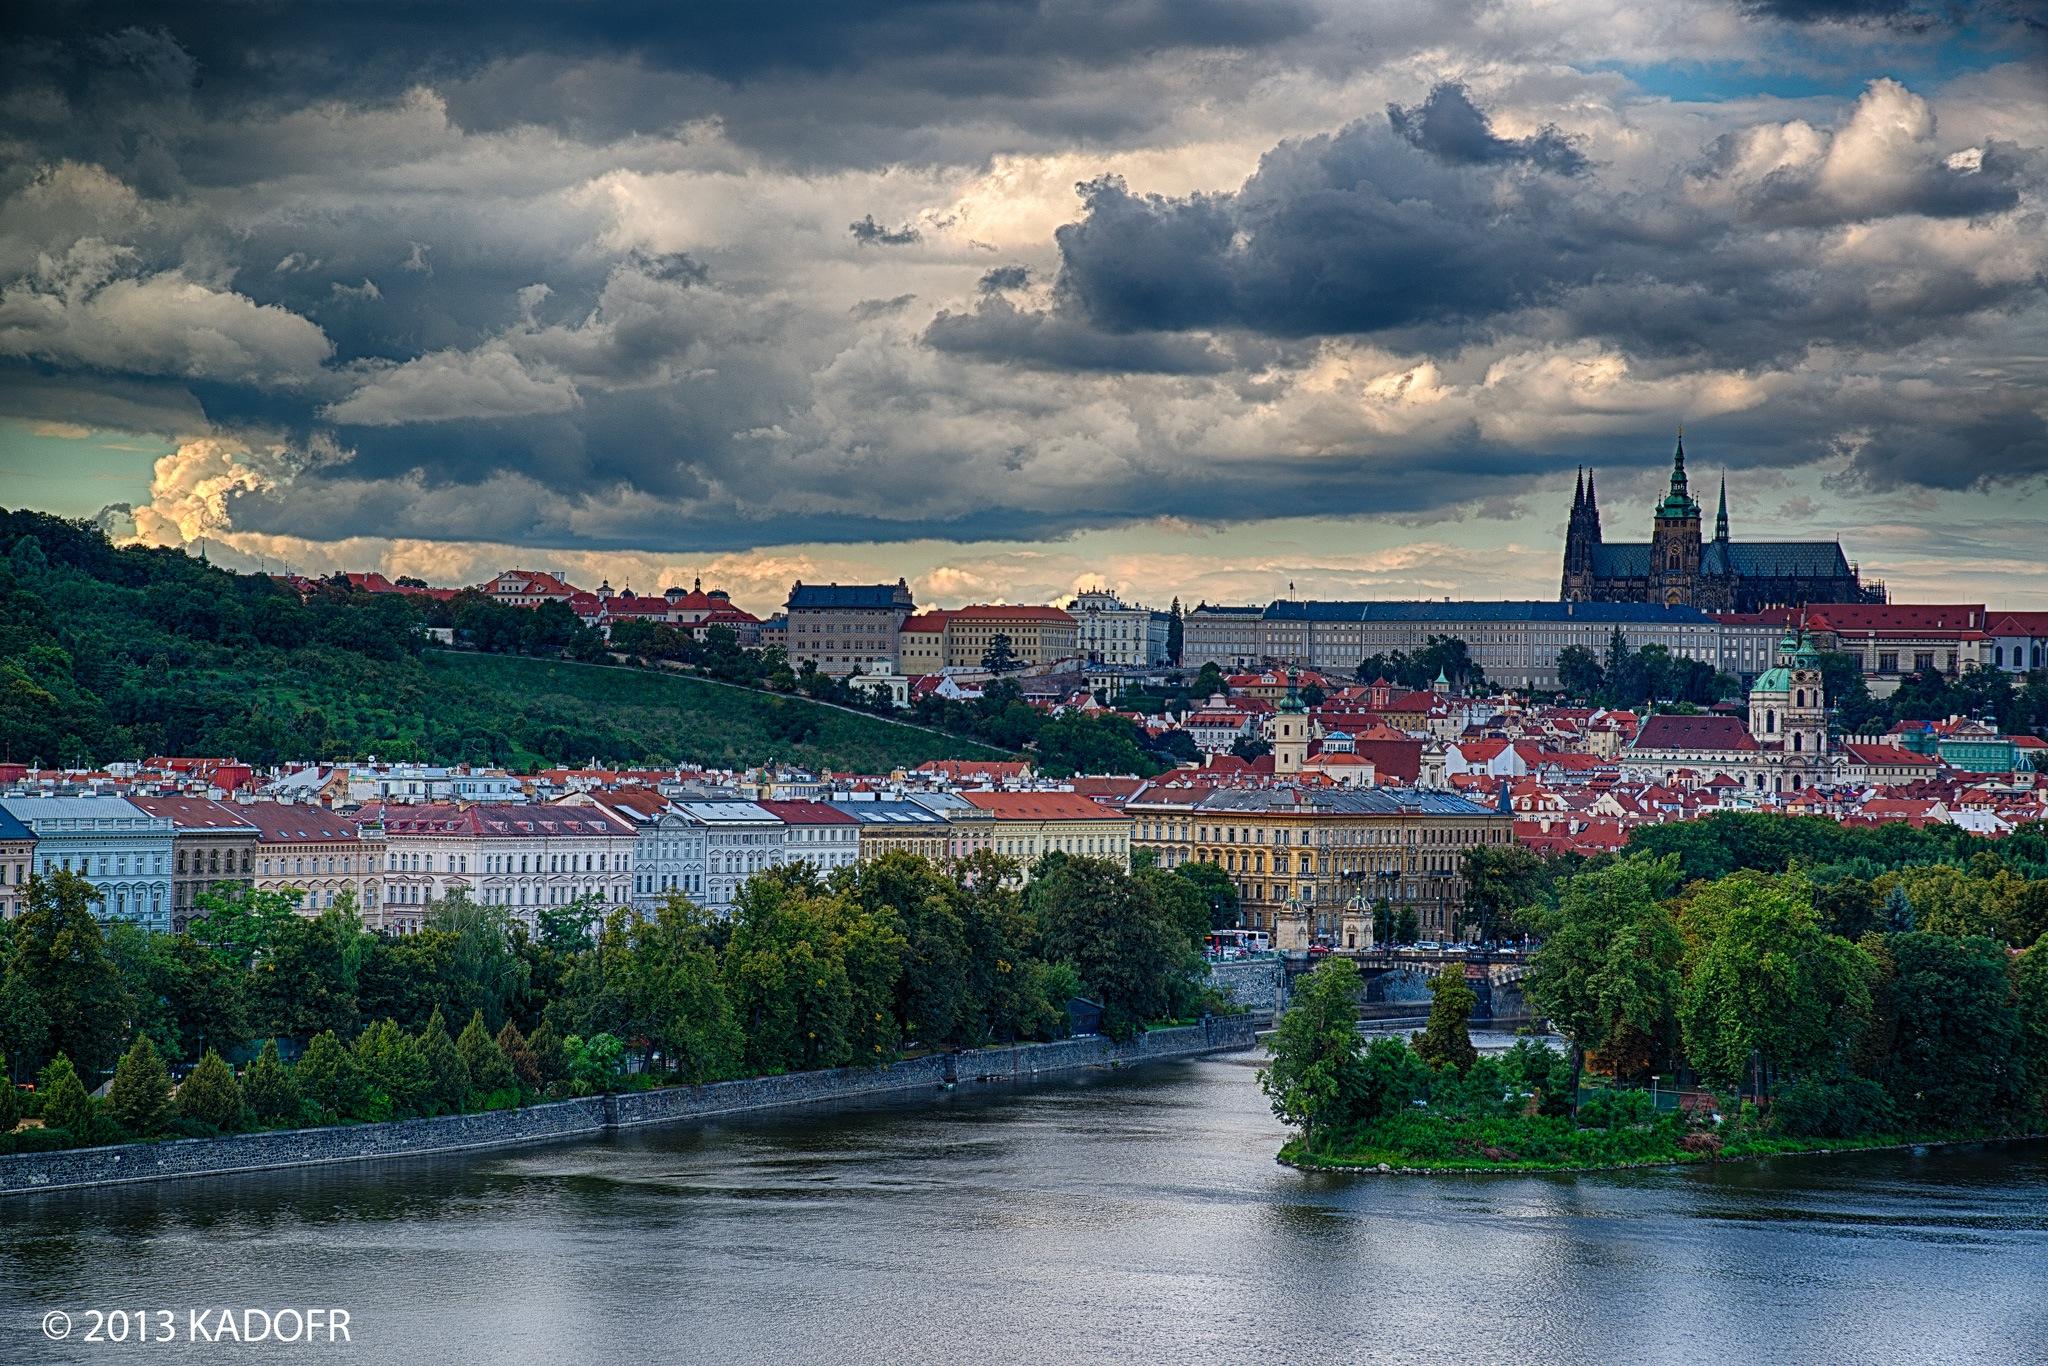 V Praze jsem napočítal 11 ostrovů. Ty nejznámější jsou Kampa, Dětský a Střelecký ostrov a Žofín.. - (Foto: Karel Dobeš)